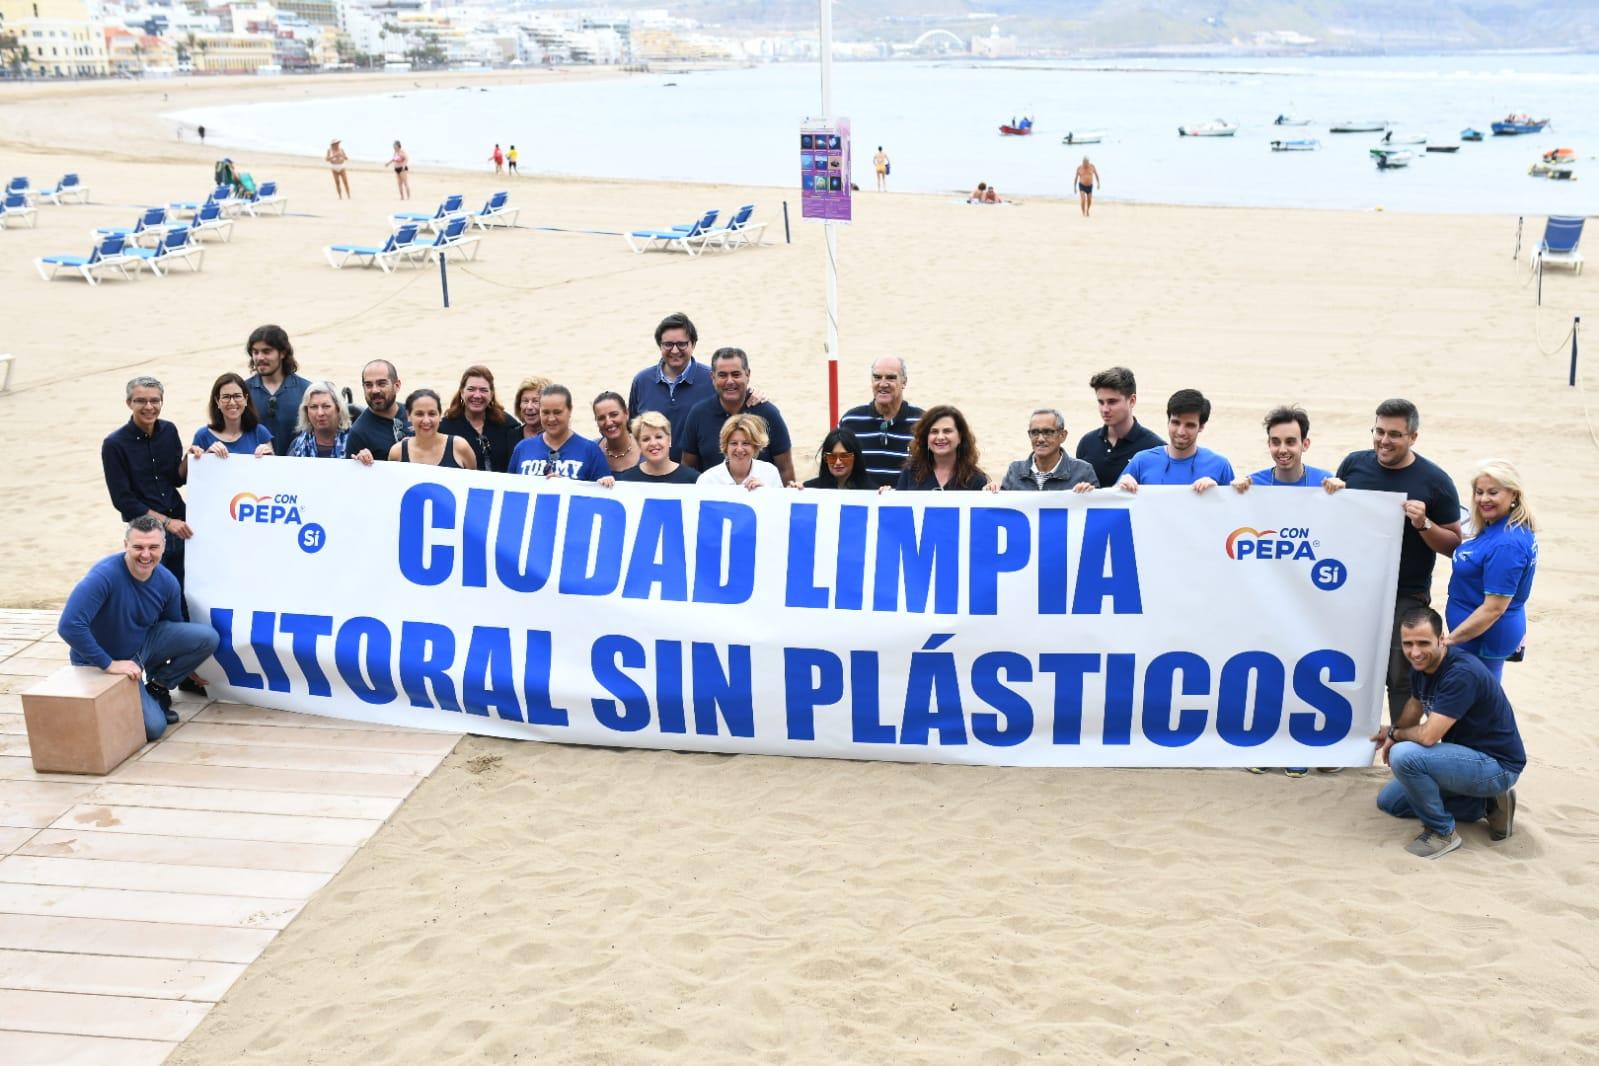 El Partido Popular en la Playa de Las Canteras